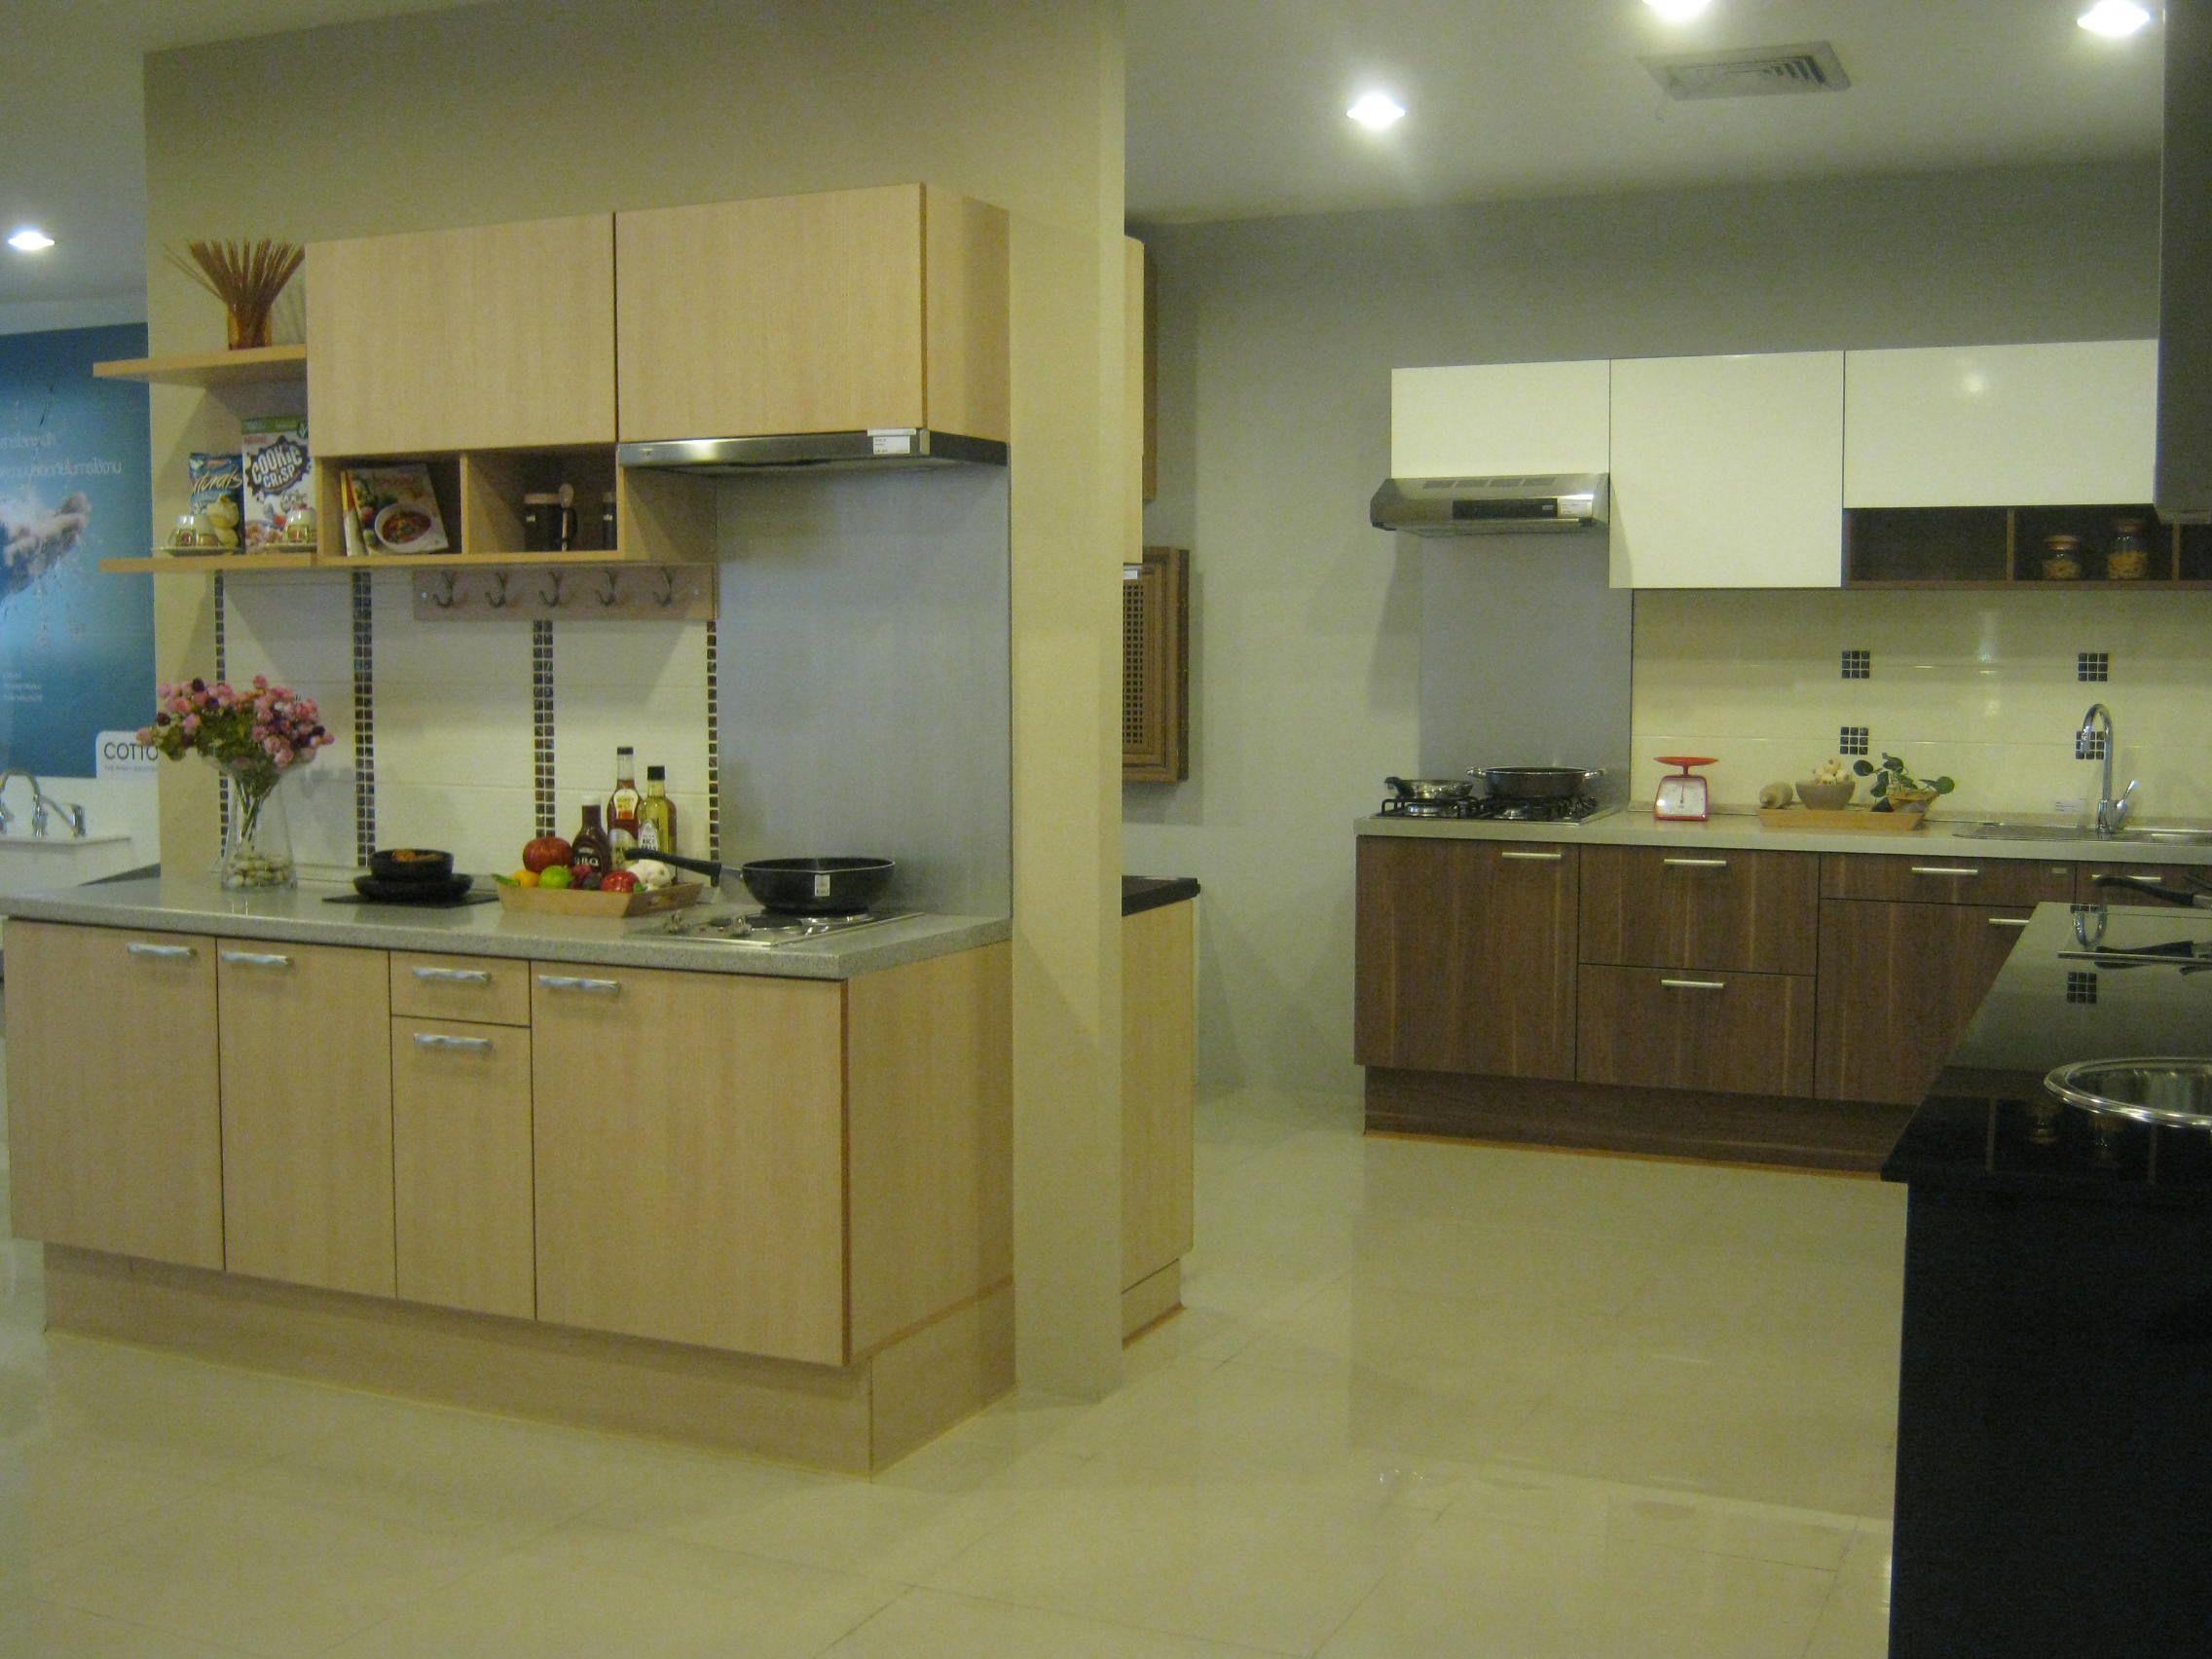 A Kitchen Showroom In Bangkok Thailand Kitchen Showroom Kitchen Kitchen Cabinets